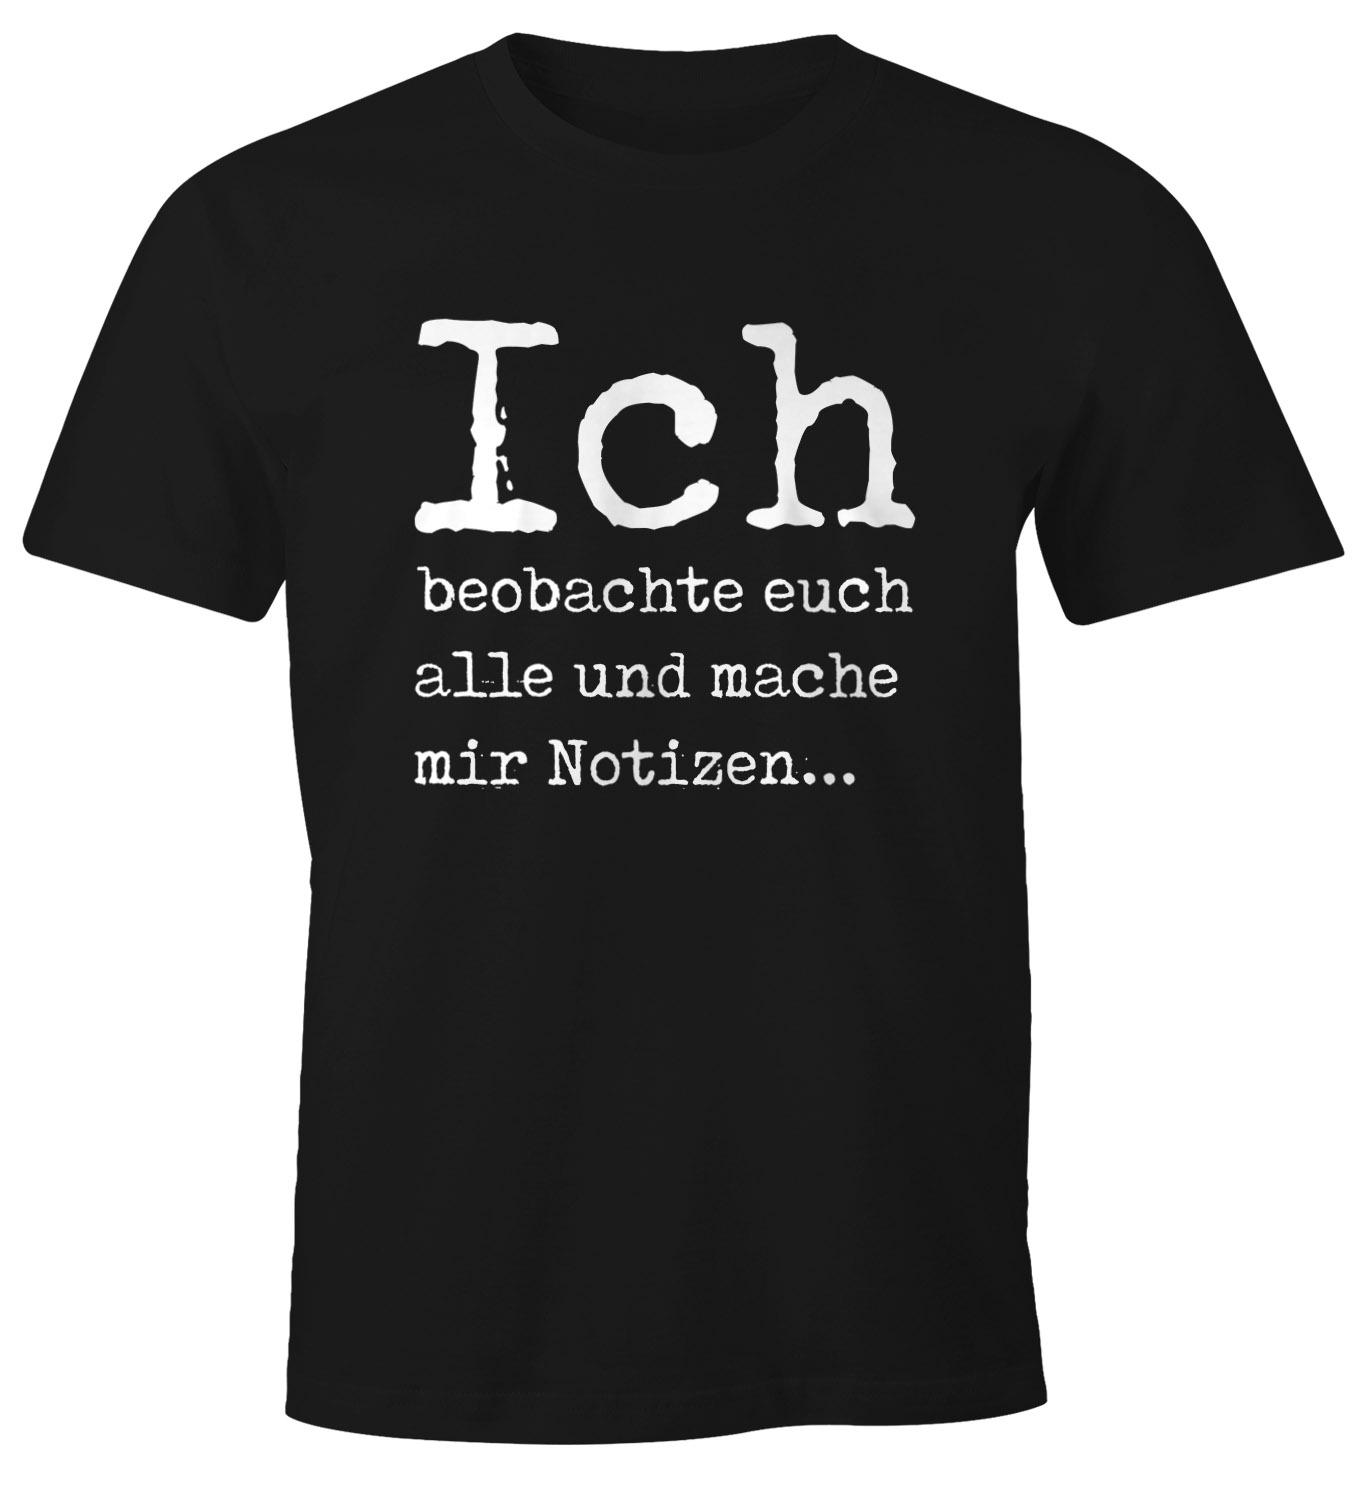 Full Size of Lustige T Shirt Sprüche Bad Spiegelleuchte Hotel Phönix Füssing Betten Hamburg Neuenahr Regal 25 Cm Breit Wandtattoo Wohnzimmer Birnbach Hotels Ems Wohnzimmer Lustige T Shirt Sprüche